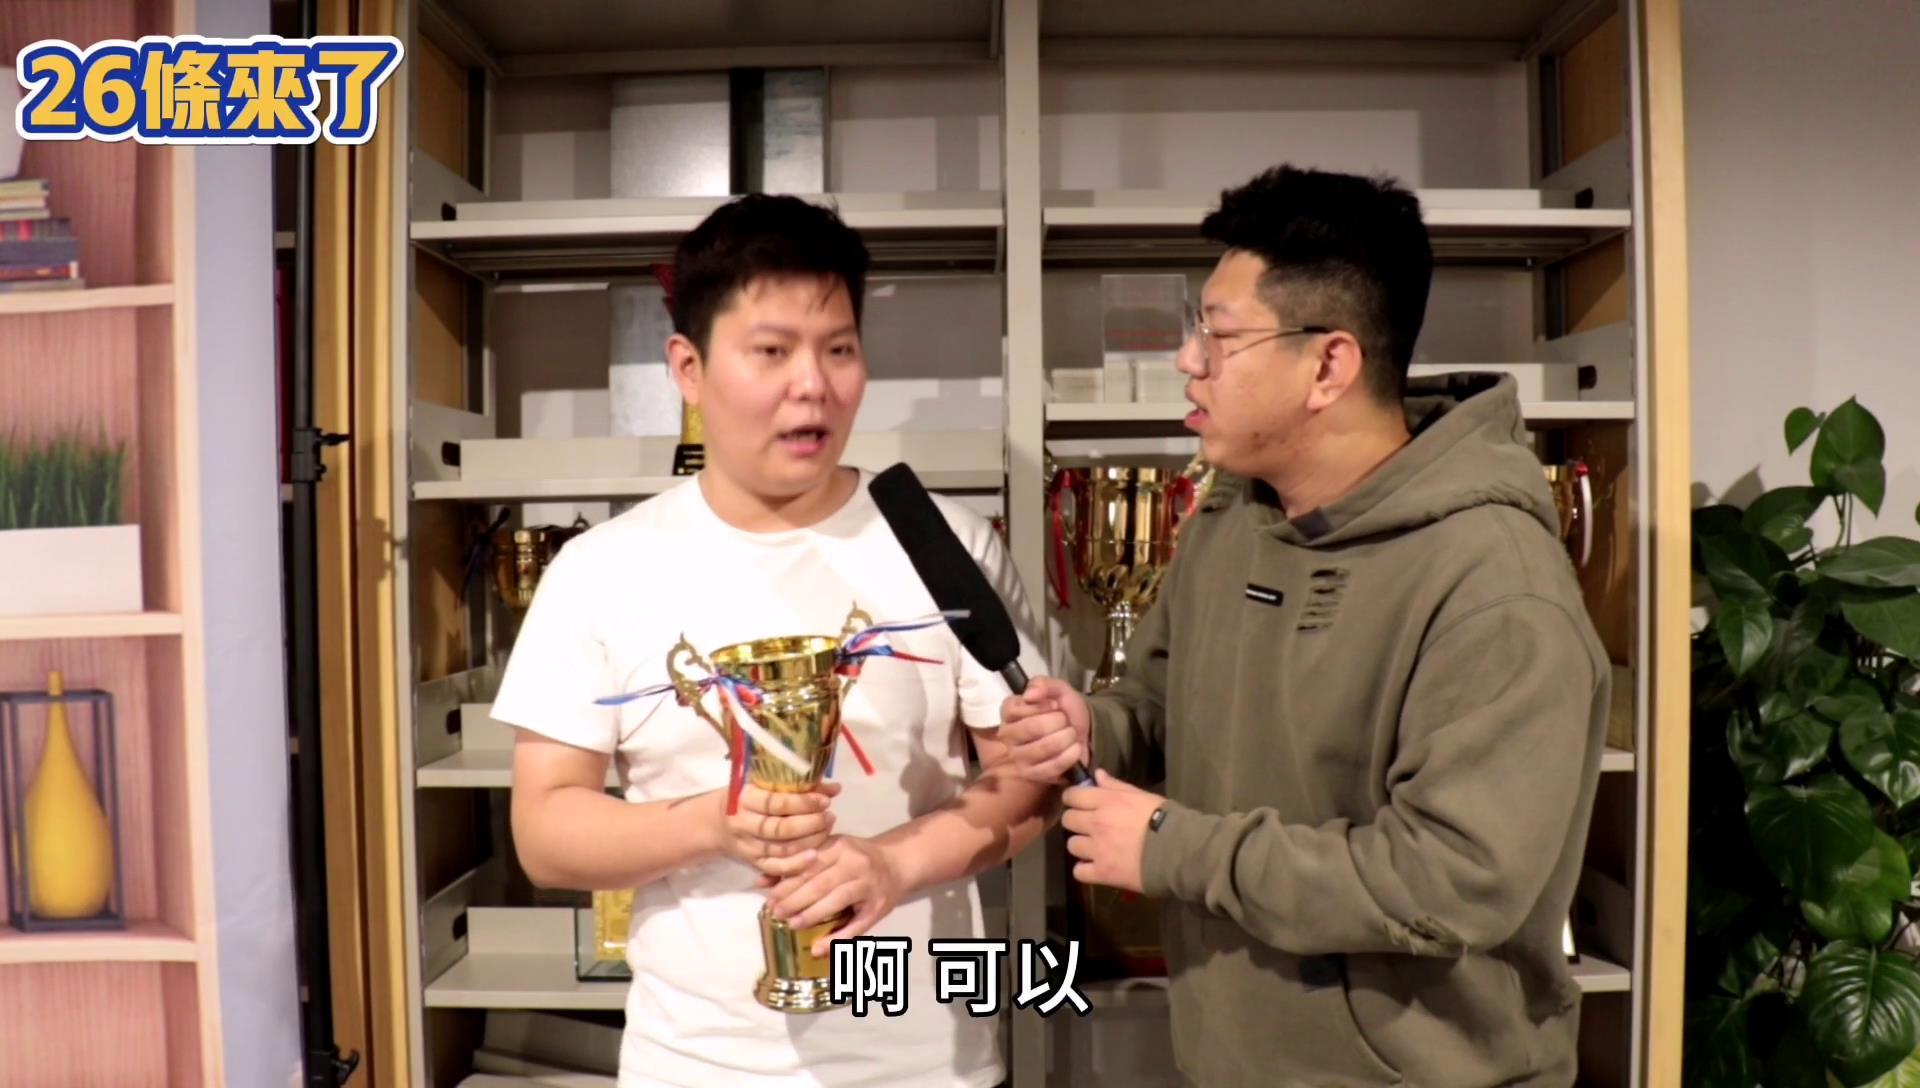 【26条来了】台湾运动员可以内援的身份参加大陆职业联赛啦!图片